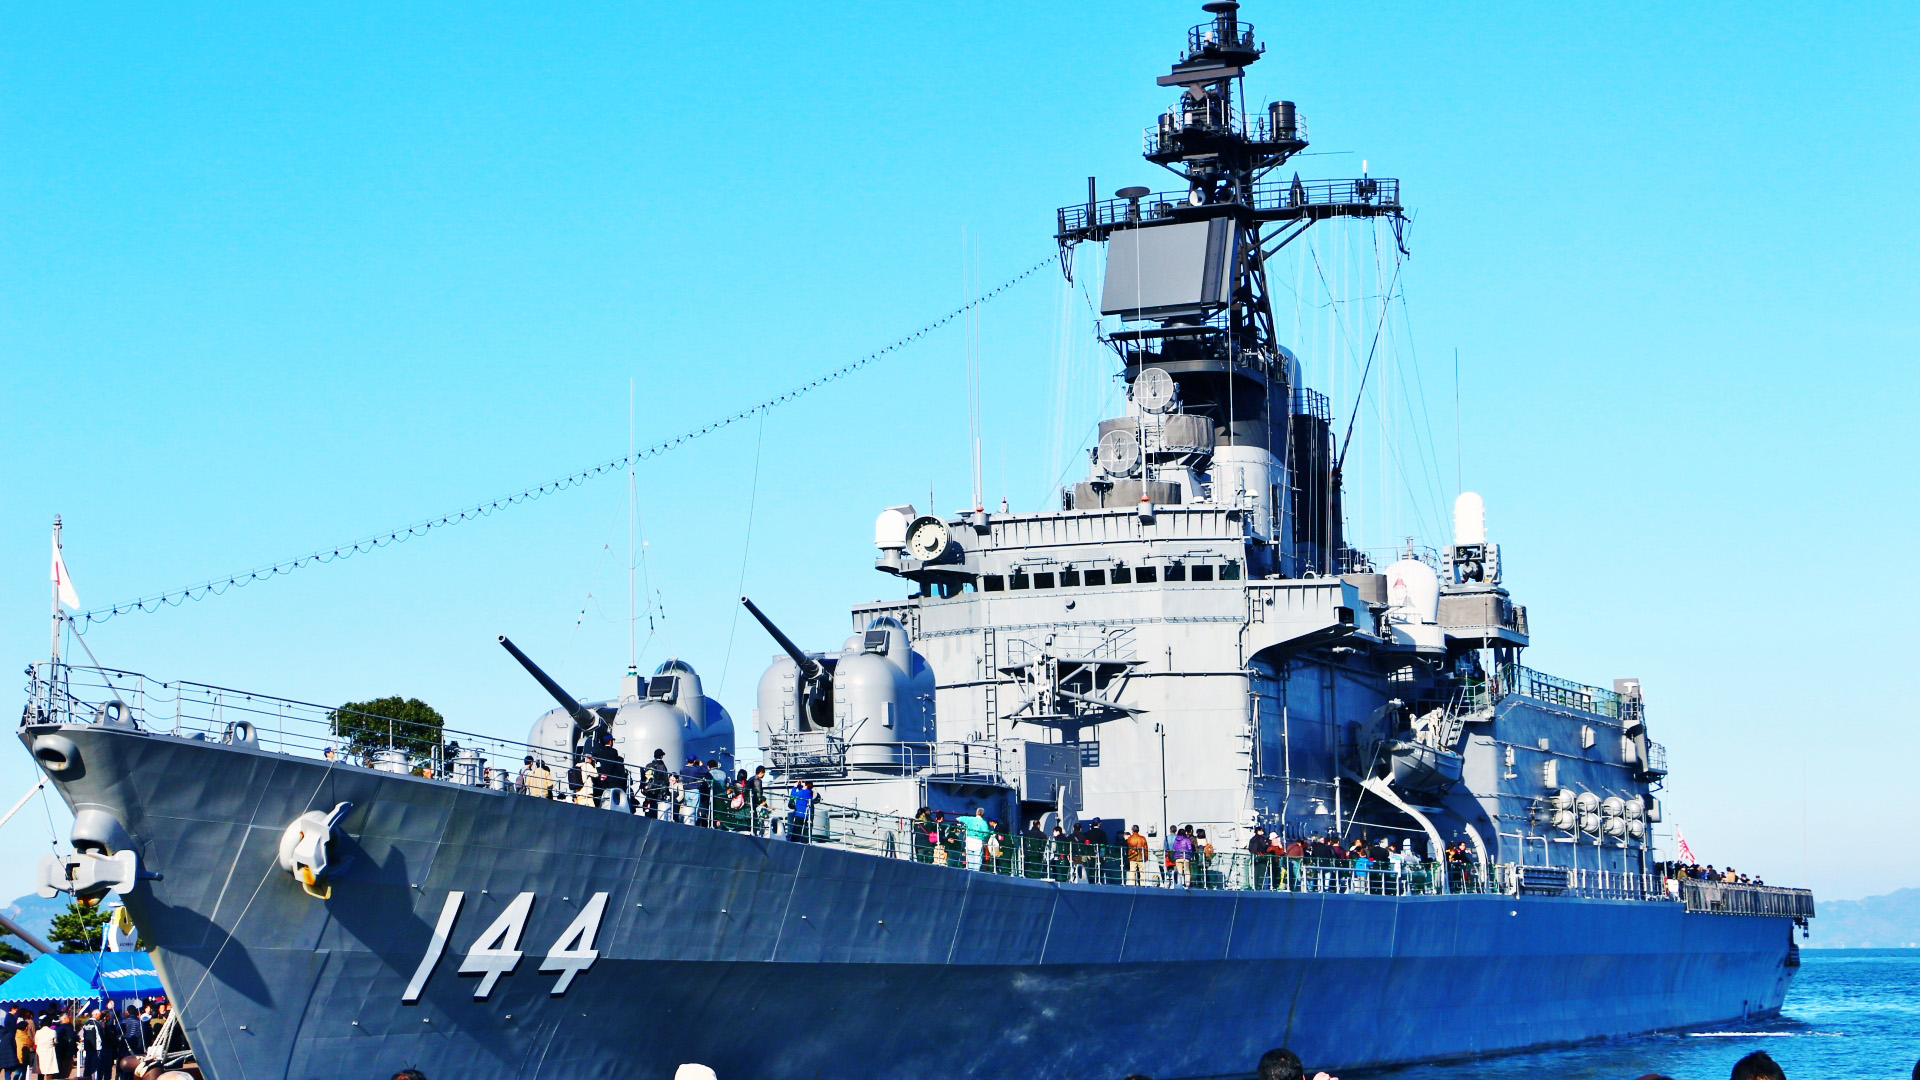 軍艦が瞬間移動して16人が死亡した事故【フィラデルフィア実験】